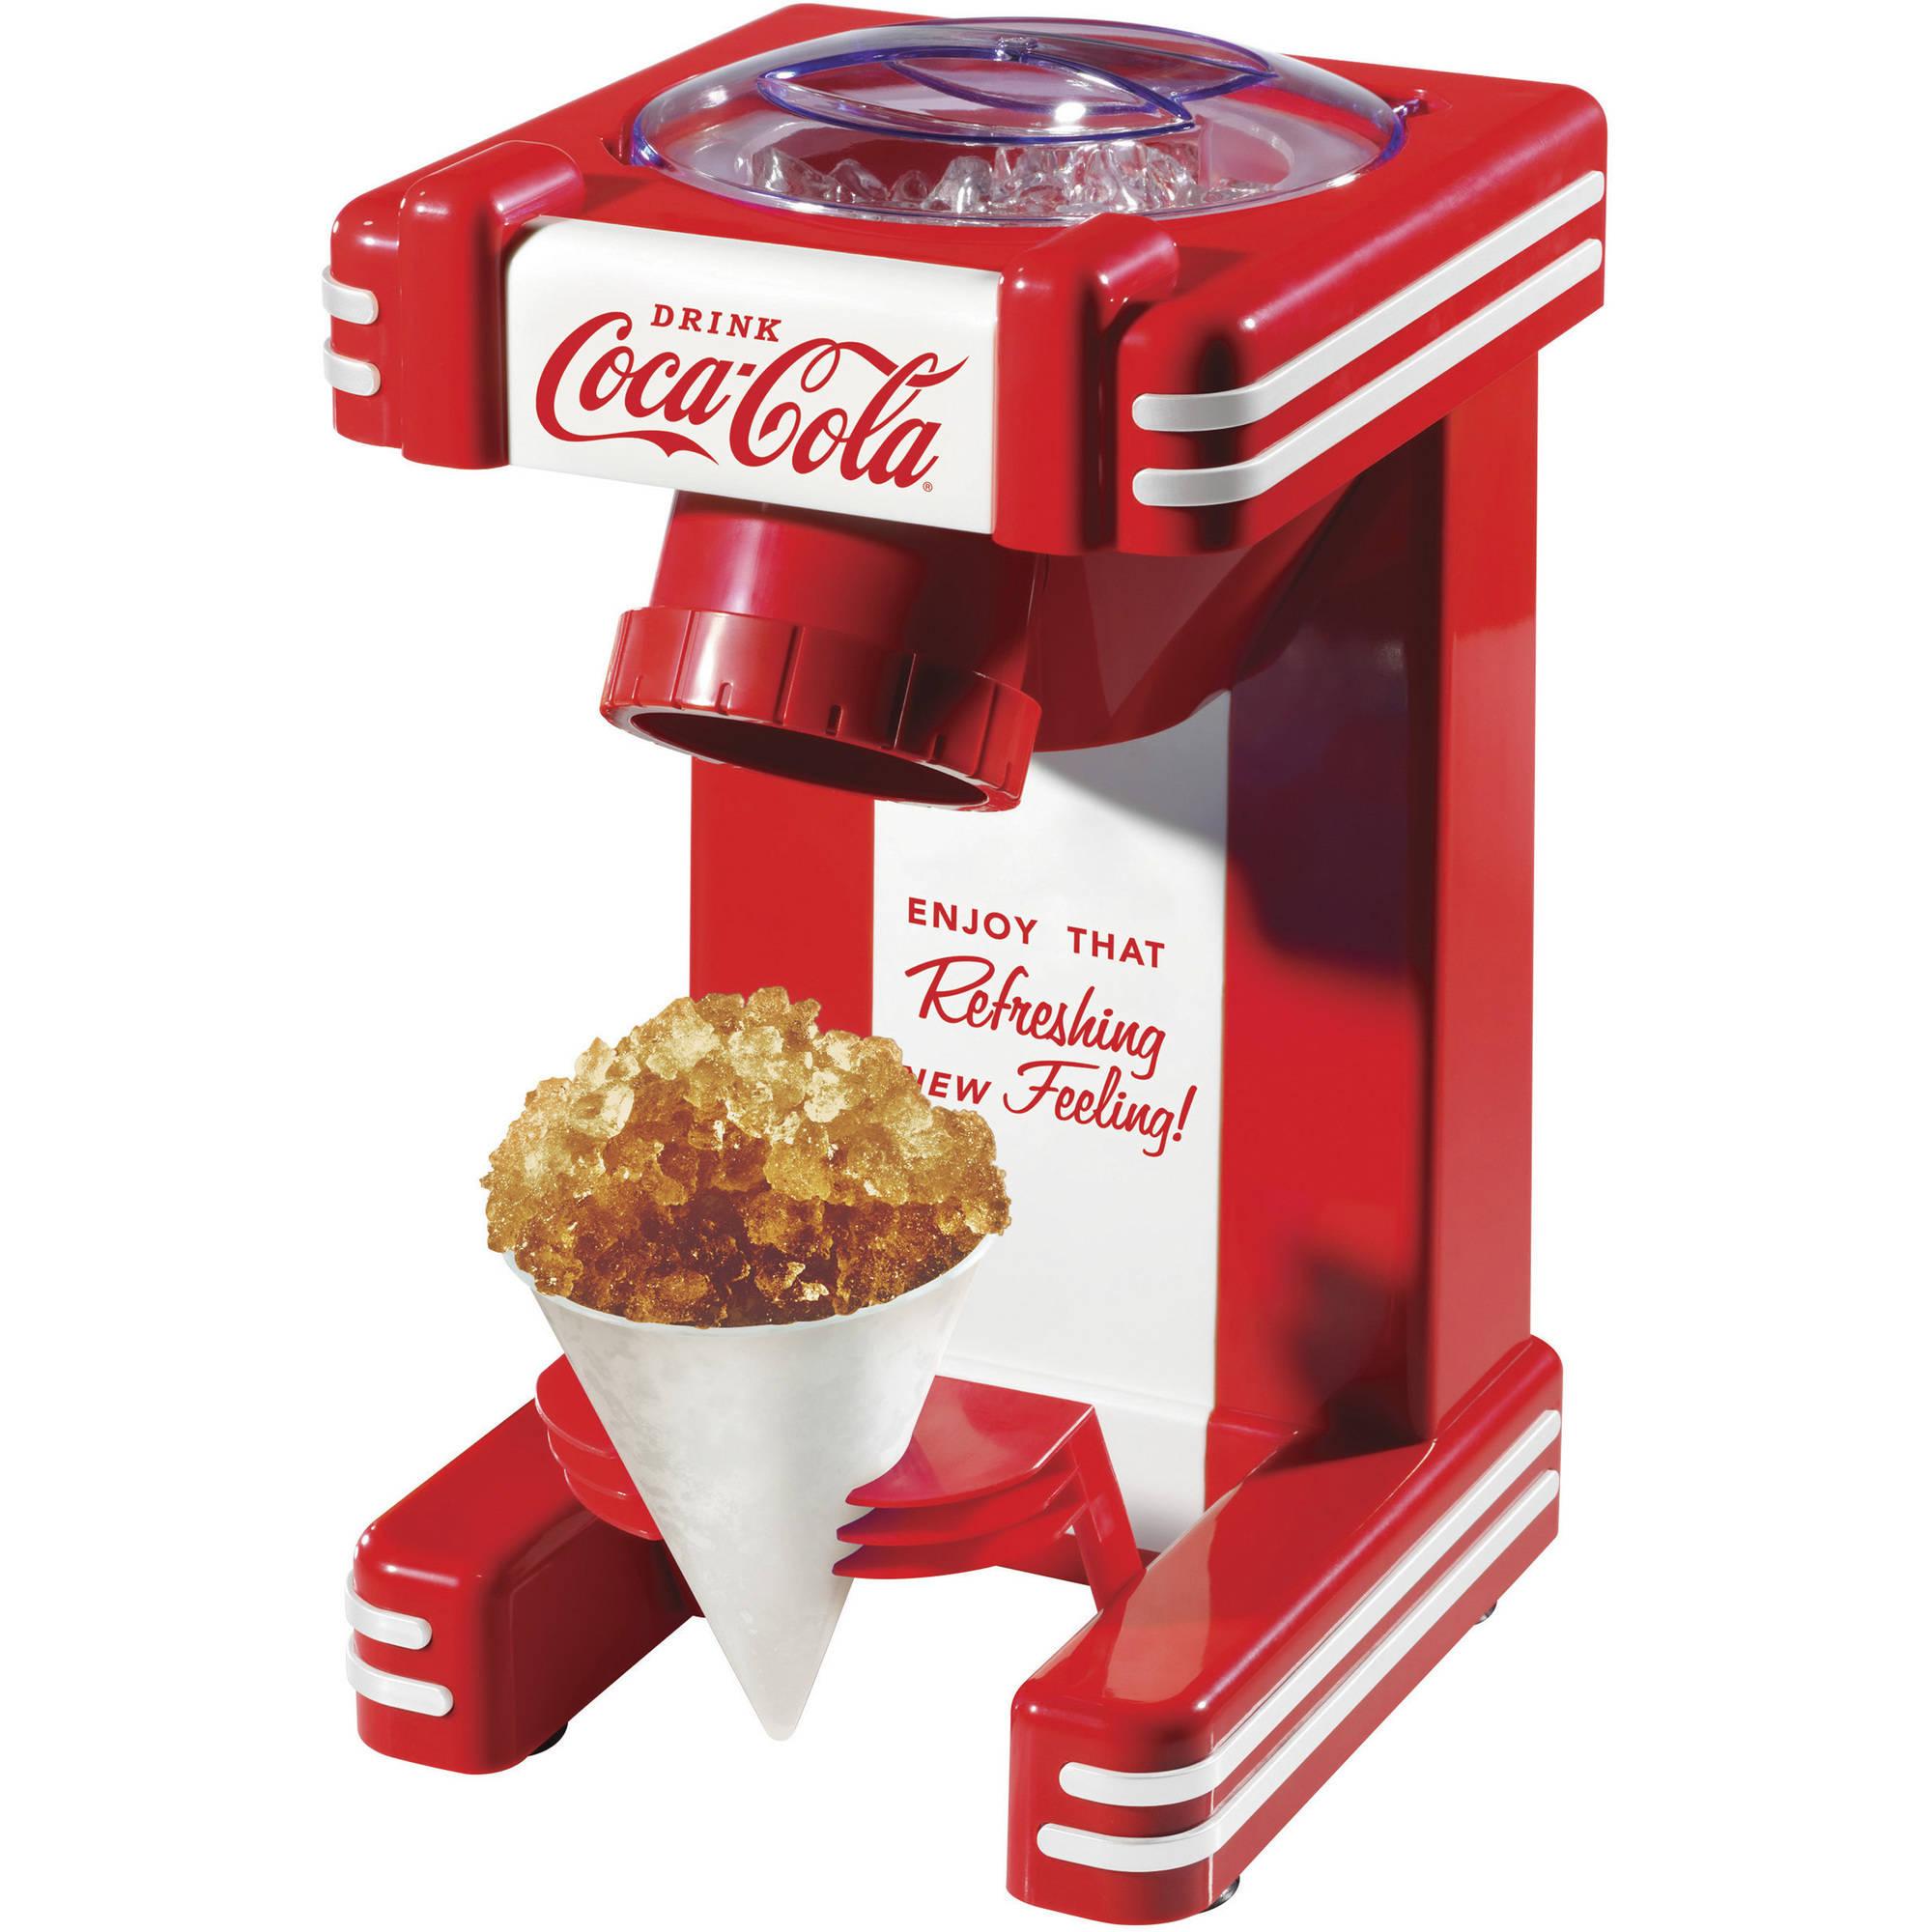 Set Coca Cola 4 Quart Ice Cream Maker Coke Countertop Snow Cone Machine